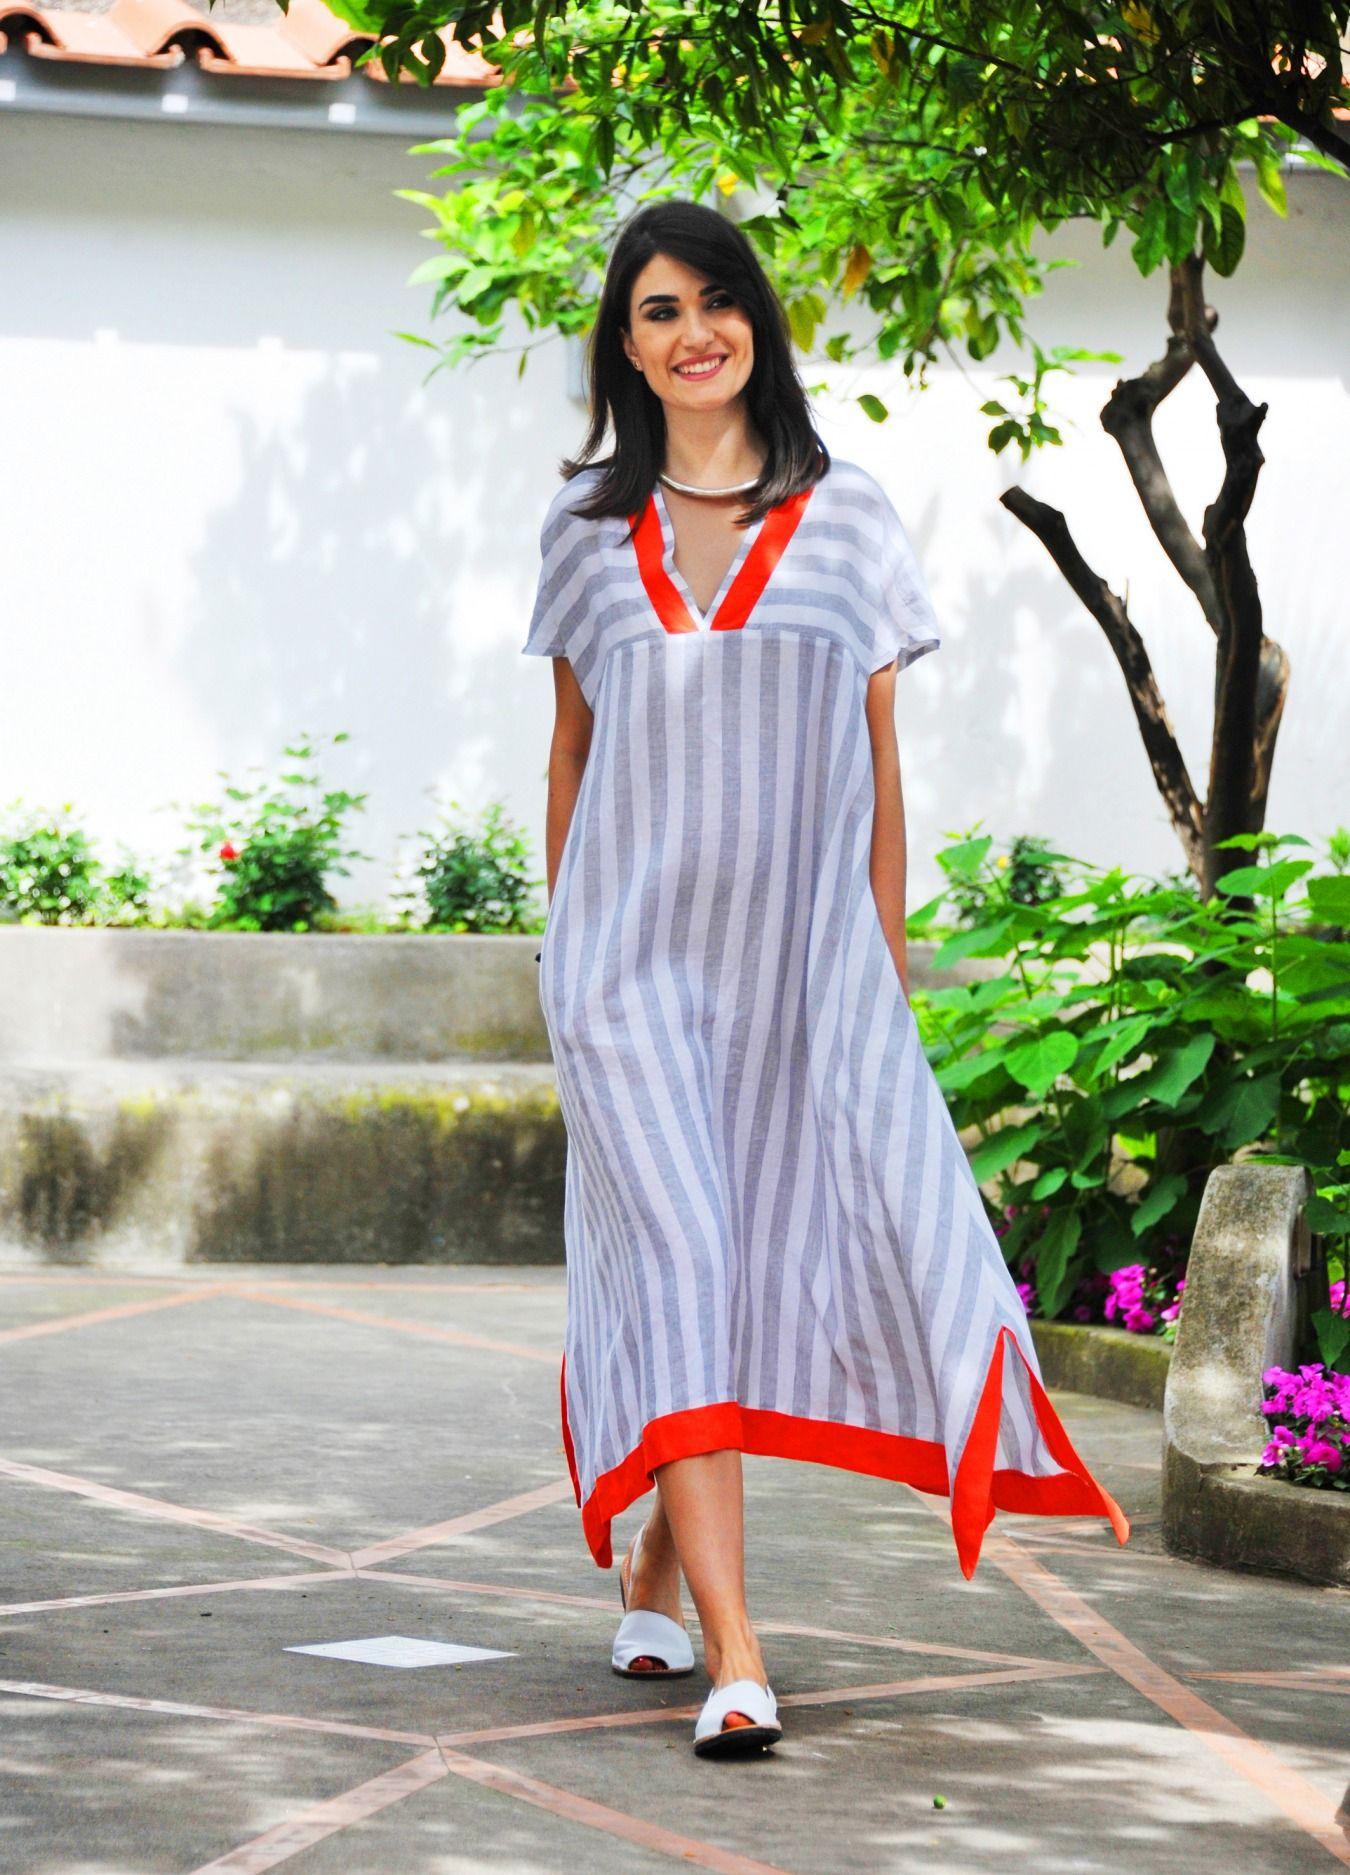 finest selection 9ad15 08d24 Abito lino, camicione Positano, moda Positano, vestito lino ...